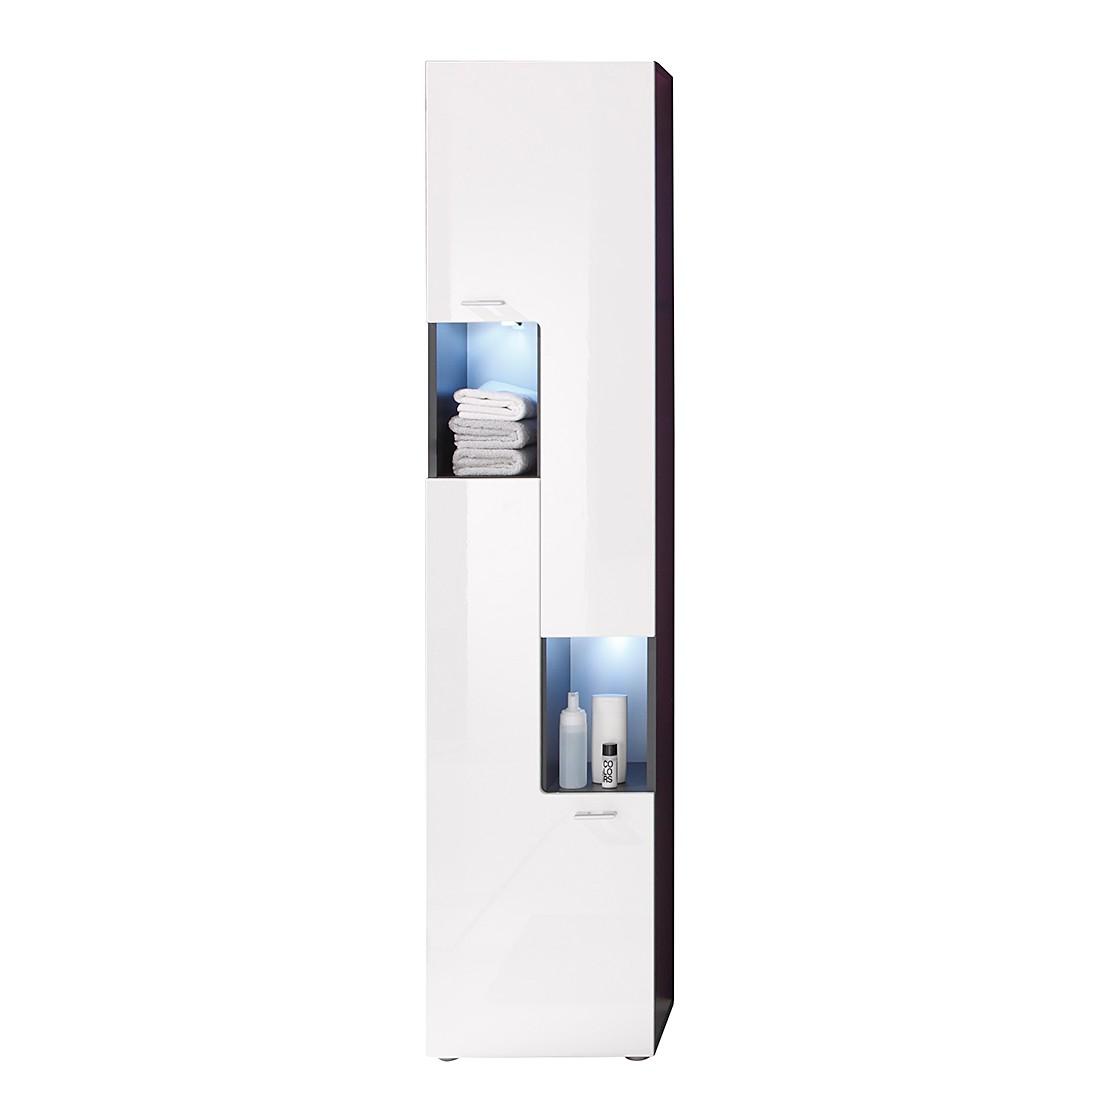 Hochschrank Angulo II – Graphit Dekor/Weiß – ohne Unterbauspots, California günstig online kaufen